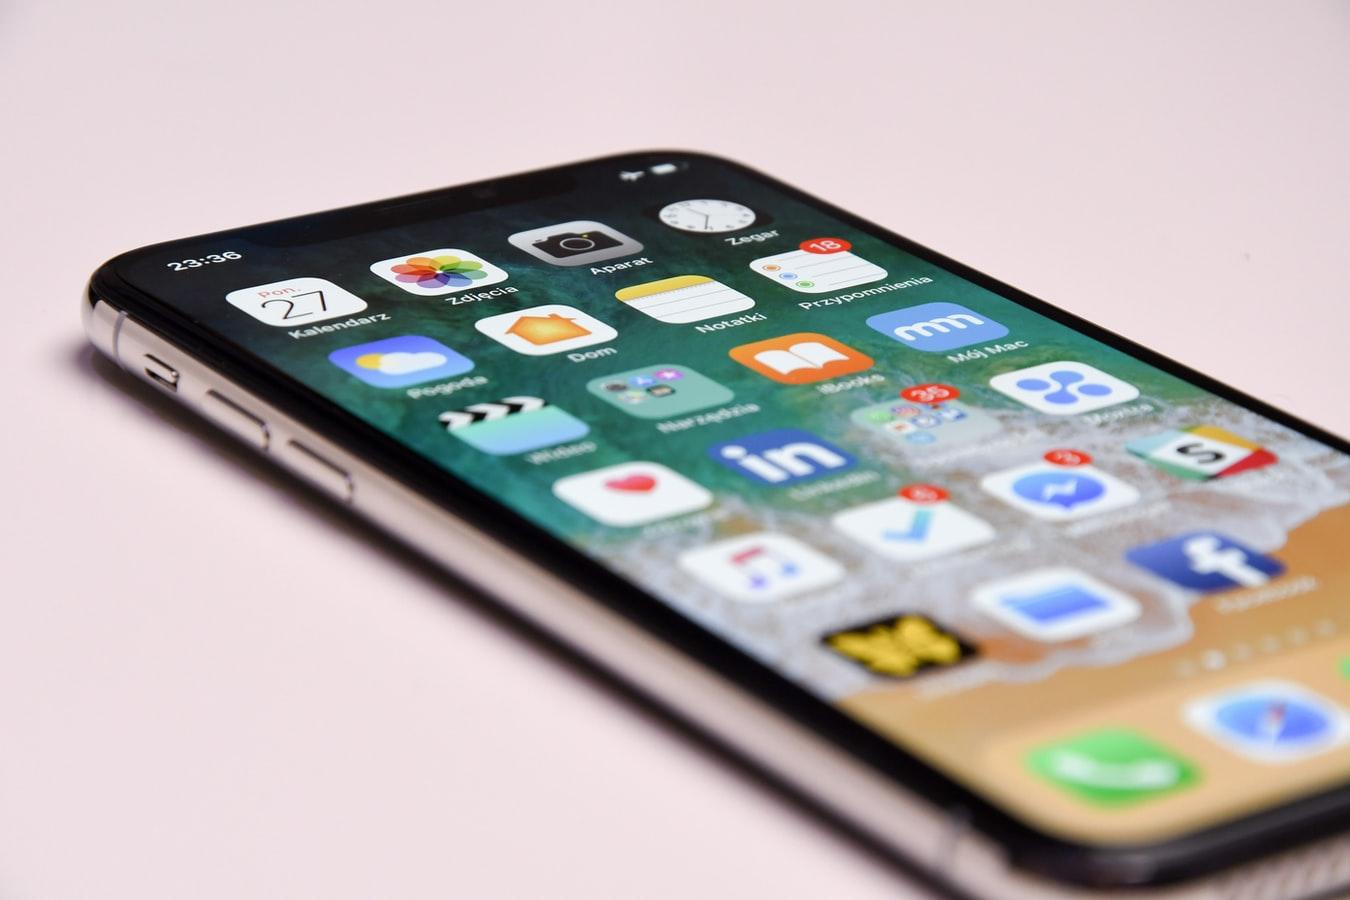 Un smarphone avec les icônes des reseaux sociaux sur l'écran.